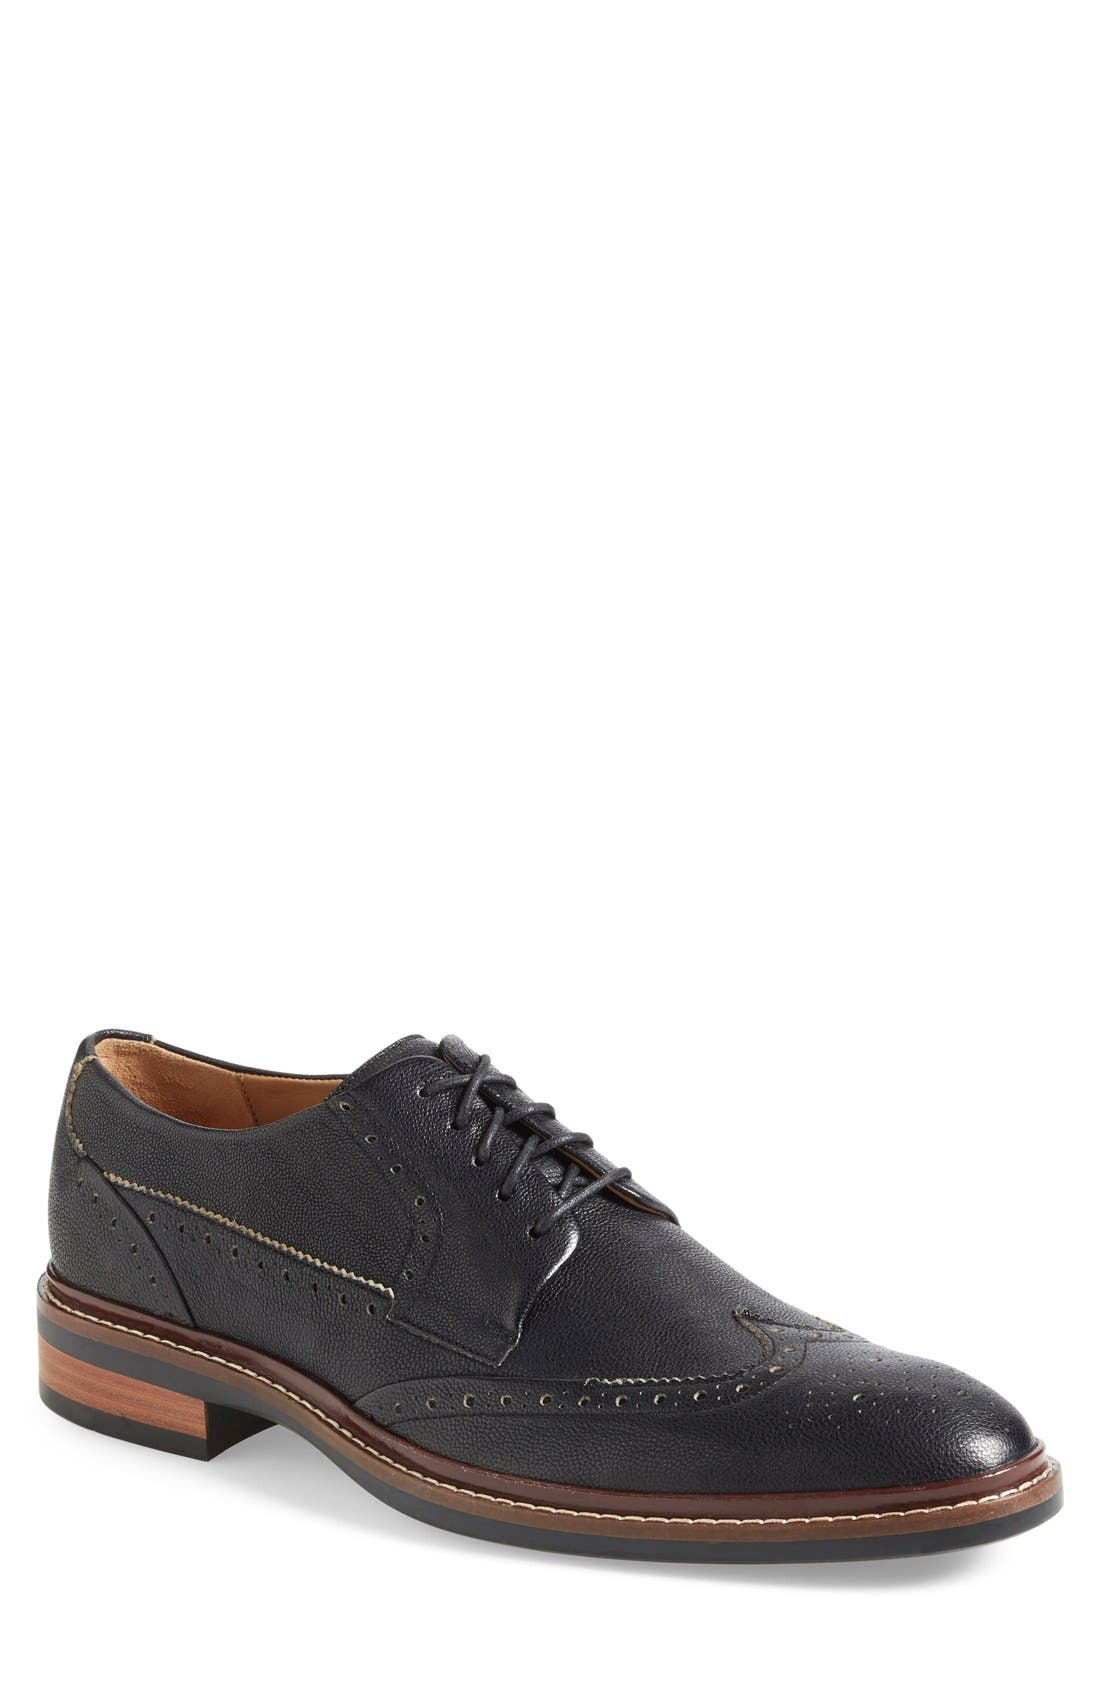 Mens dress shoes images